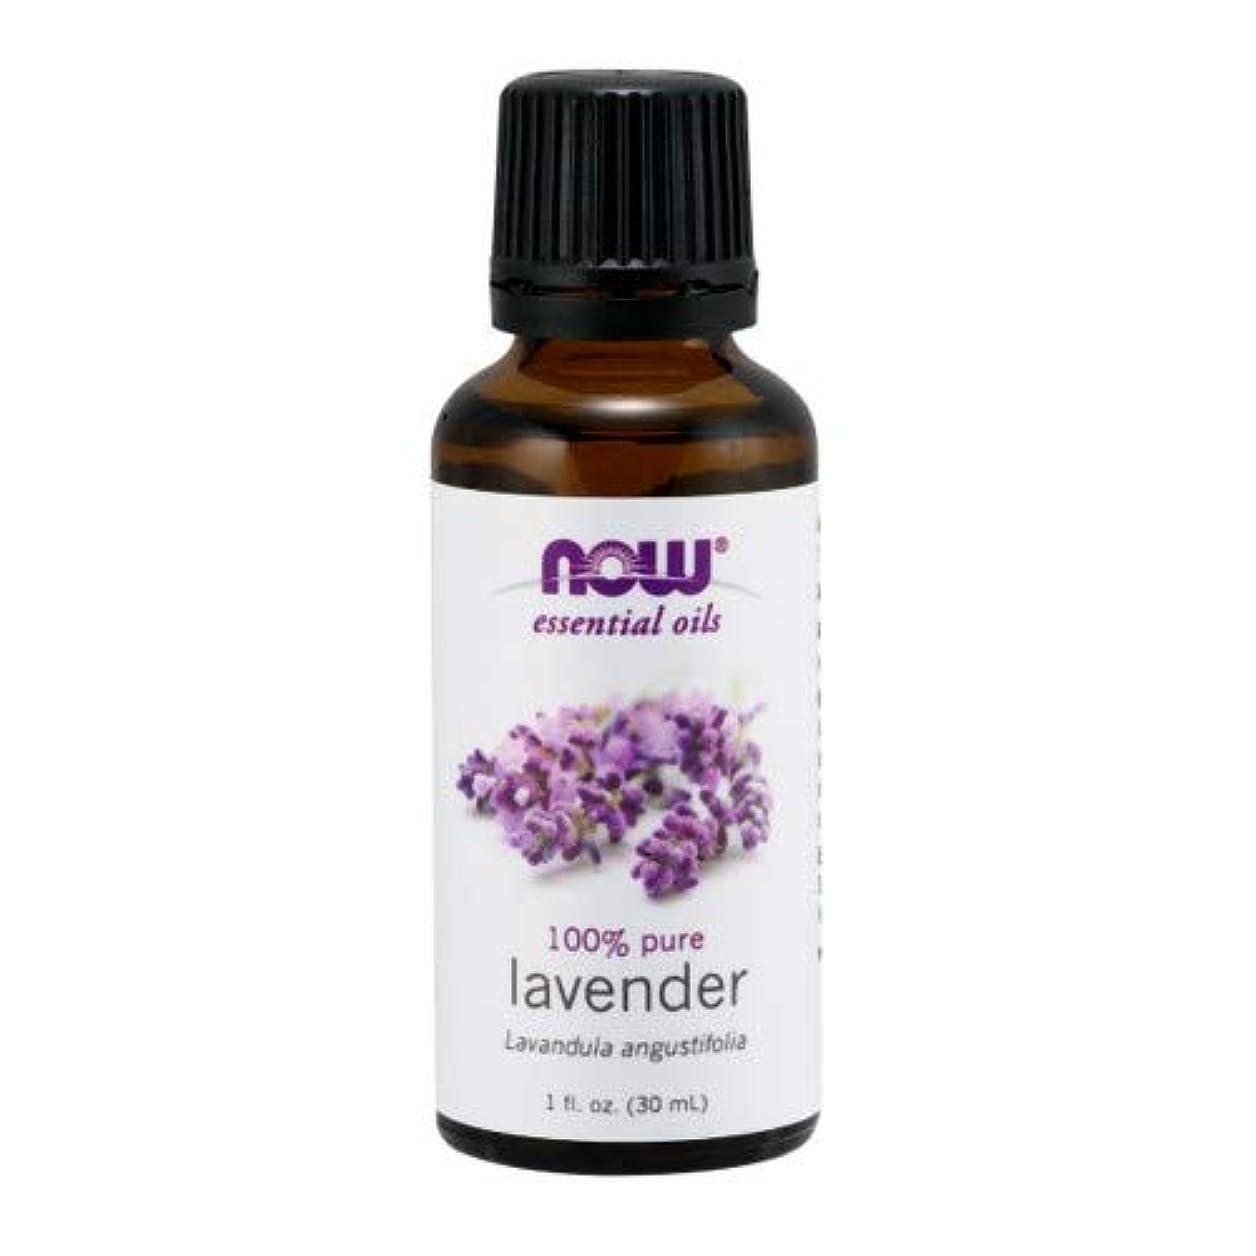 結婚鋼カナダエッセンシャルオイル ラベンダーオイル 30ml 2個セット ナウフーズ 並行輸入品 NOW Foods Essential Oils Lavender 1 oz Pack of 2